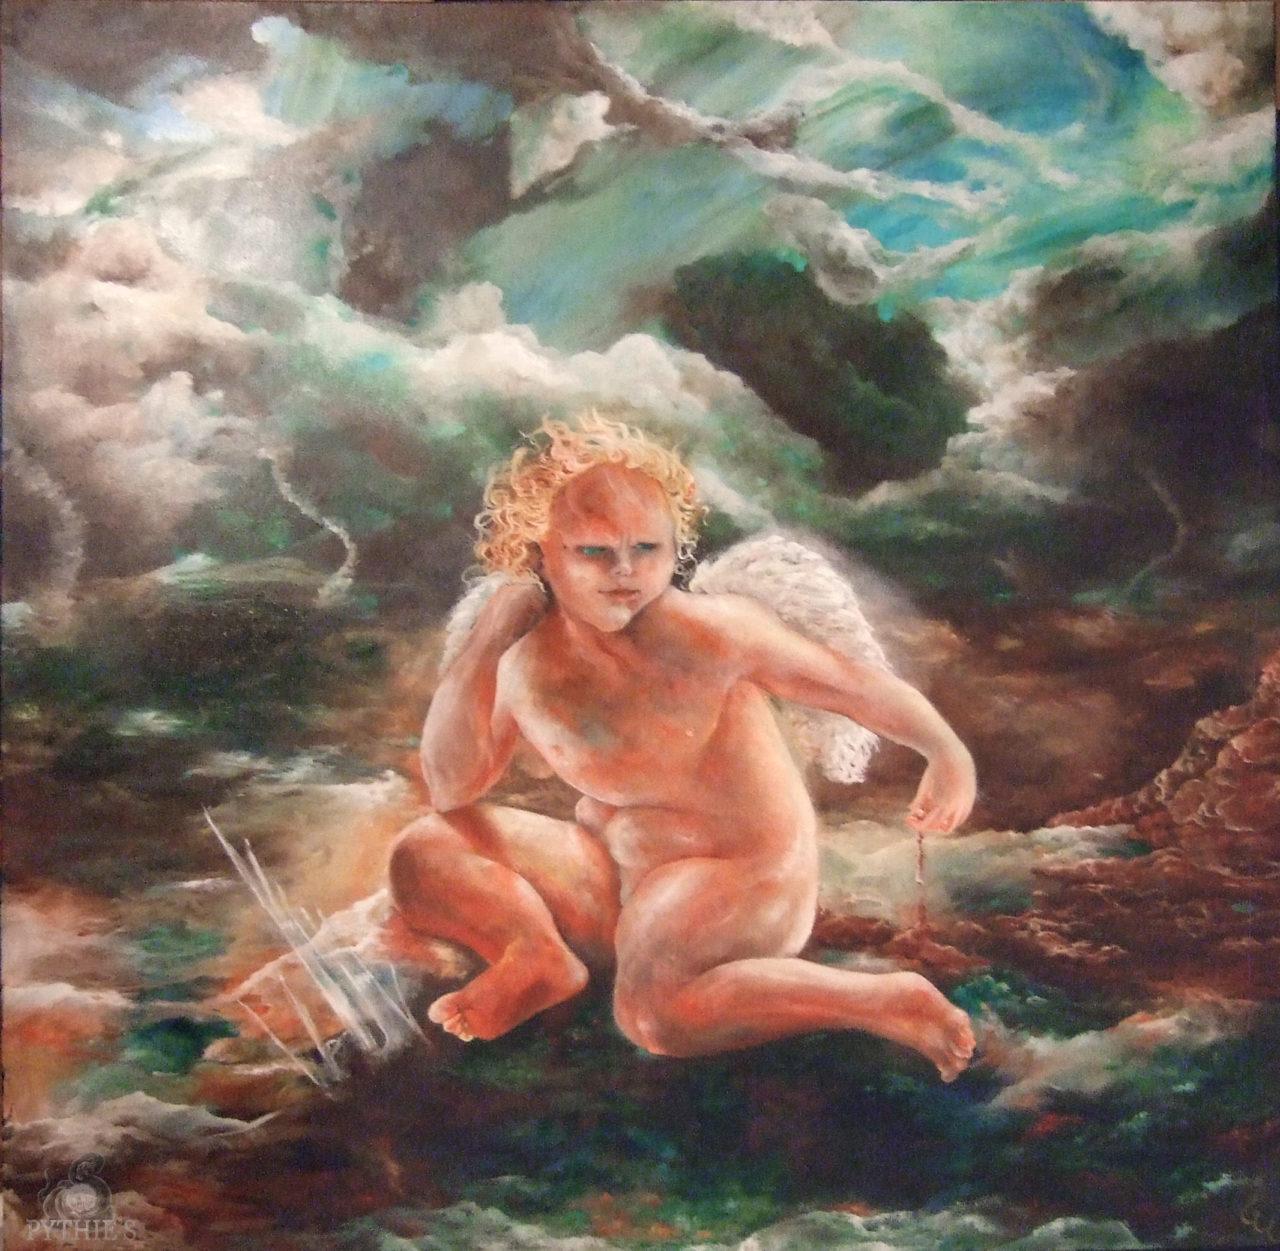 Le Petit Emmerdeur, mars 2012, huile sur toile, 100 x 100cm